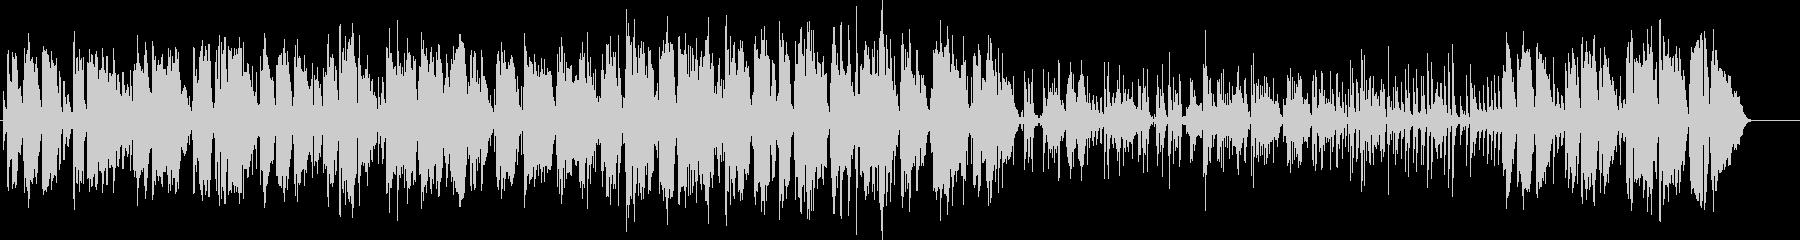 標準ジャズ。の未再生の波形